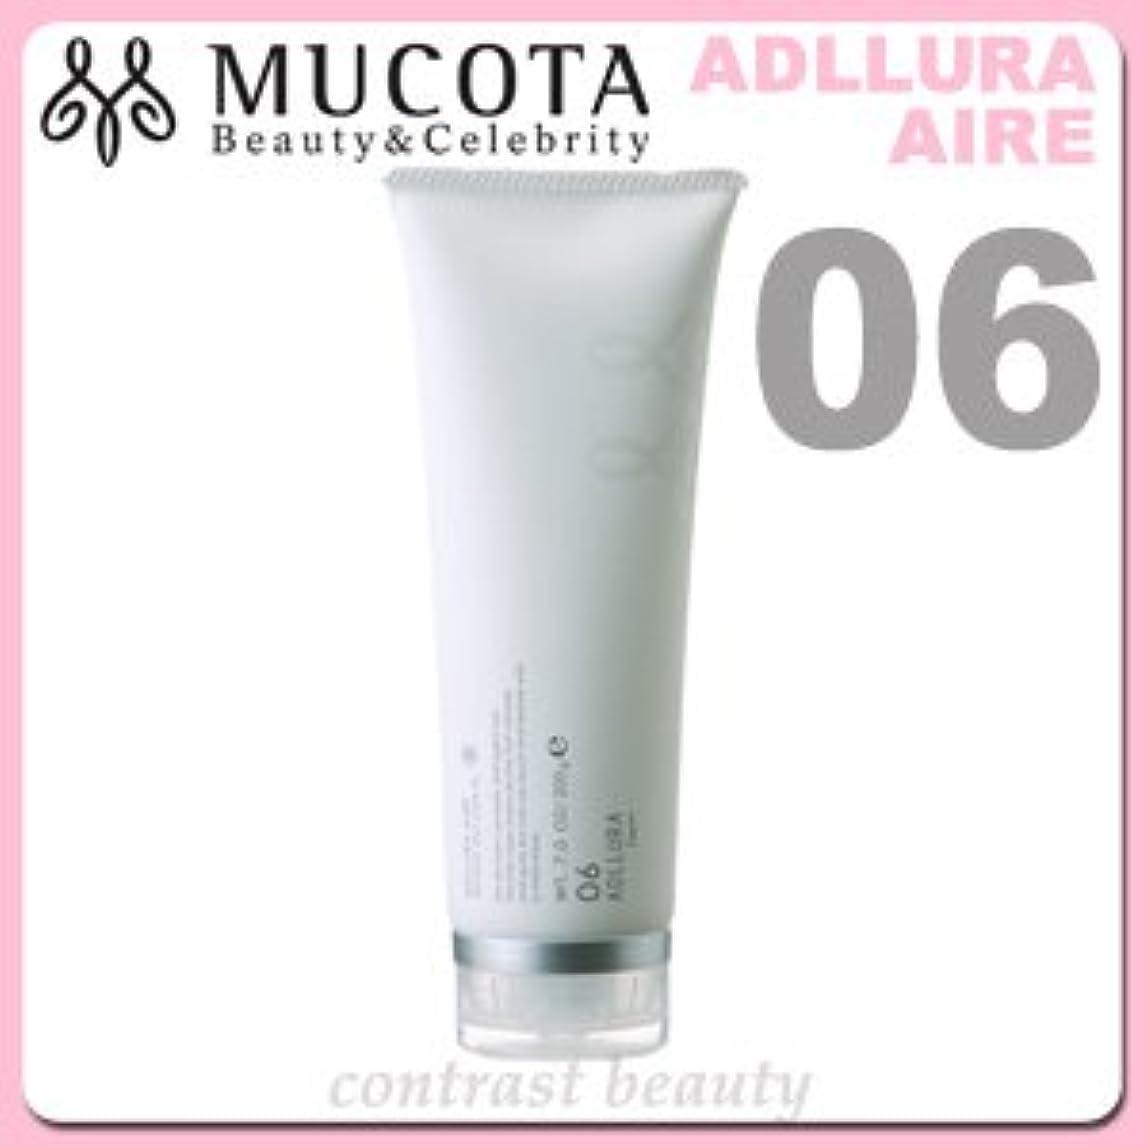 眉職人性別【X5個セット】 ムコタ アデューラ アイレ06 ヘアマスクトリートメント モイスチャー 200g